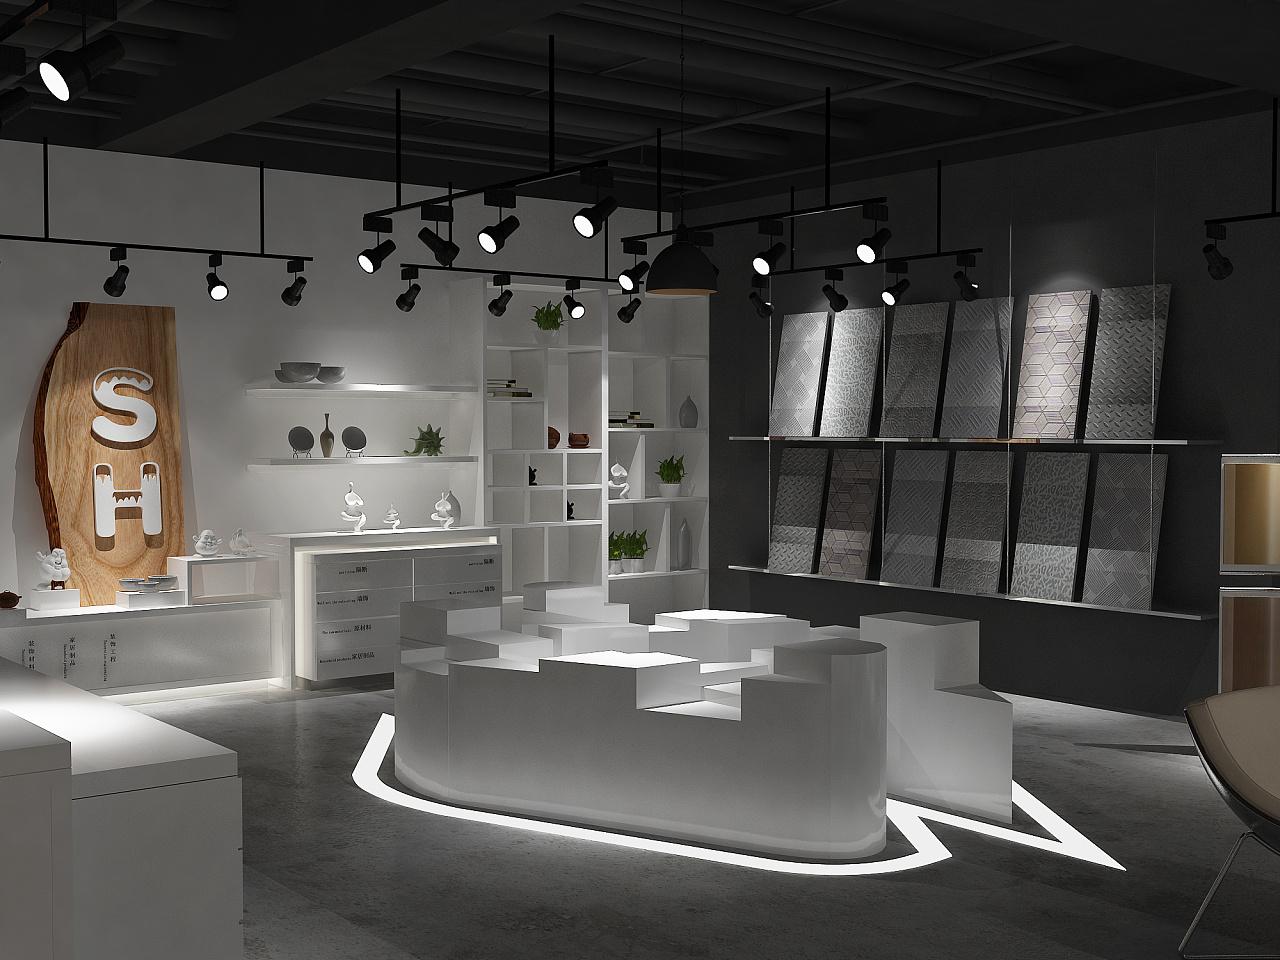 《不锈钢展厅展厅》-成都建材定制丨成都展厅v展厅装修榻榻米如何设计图图片